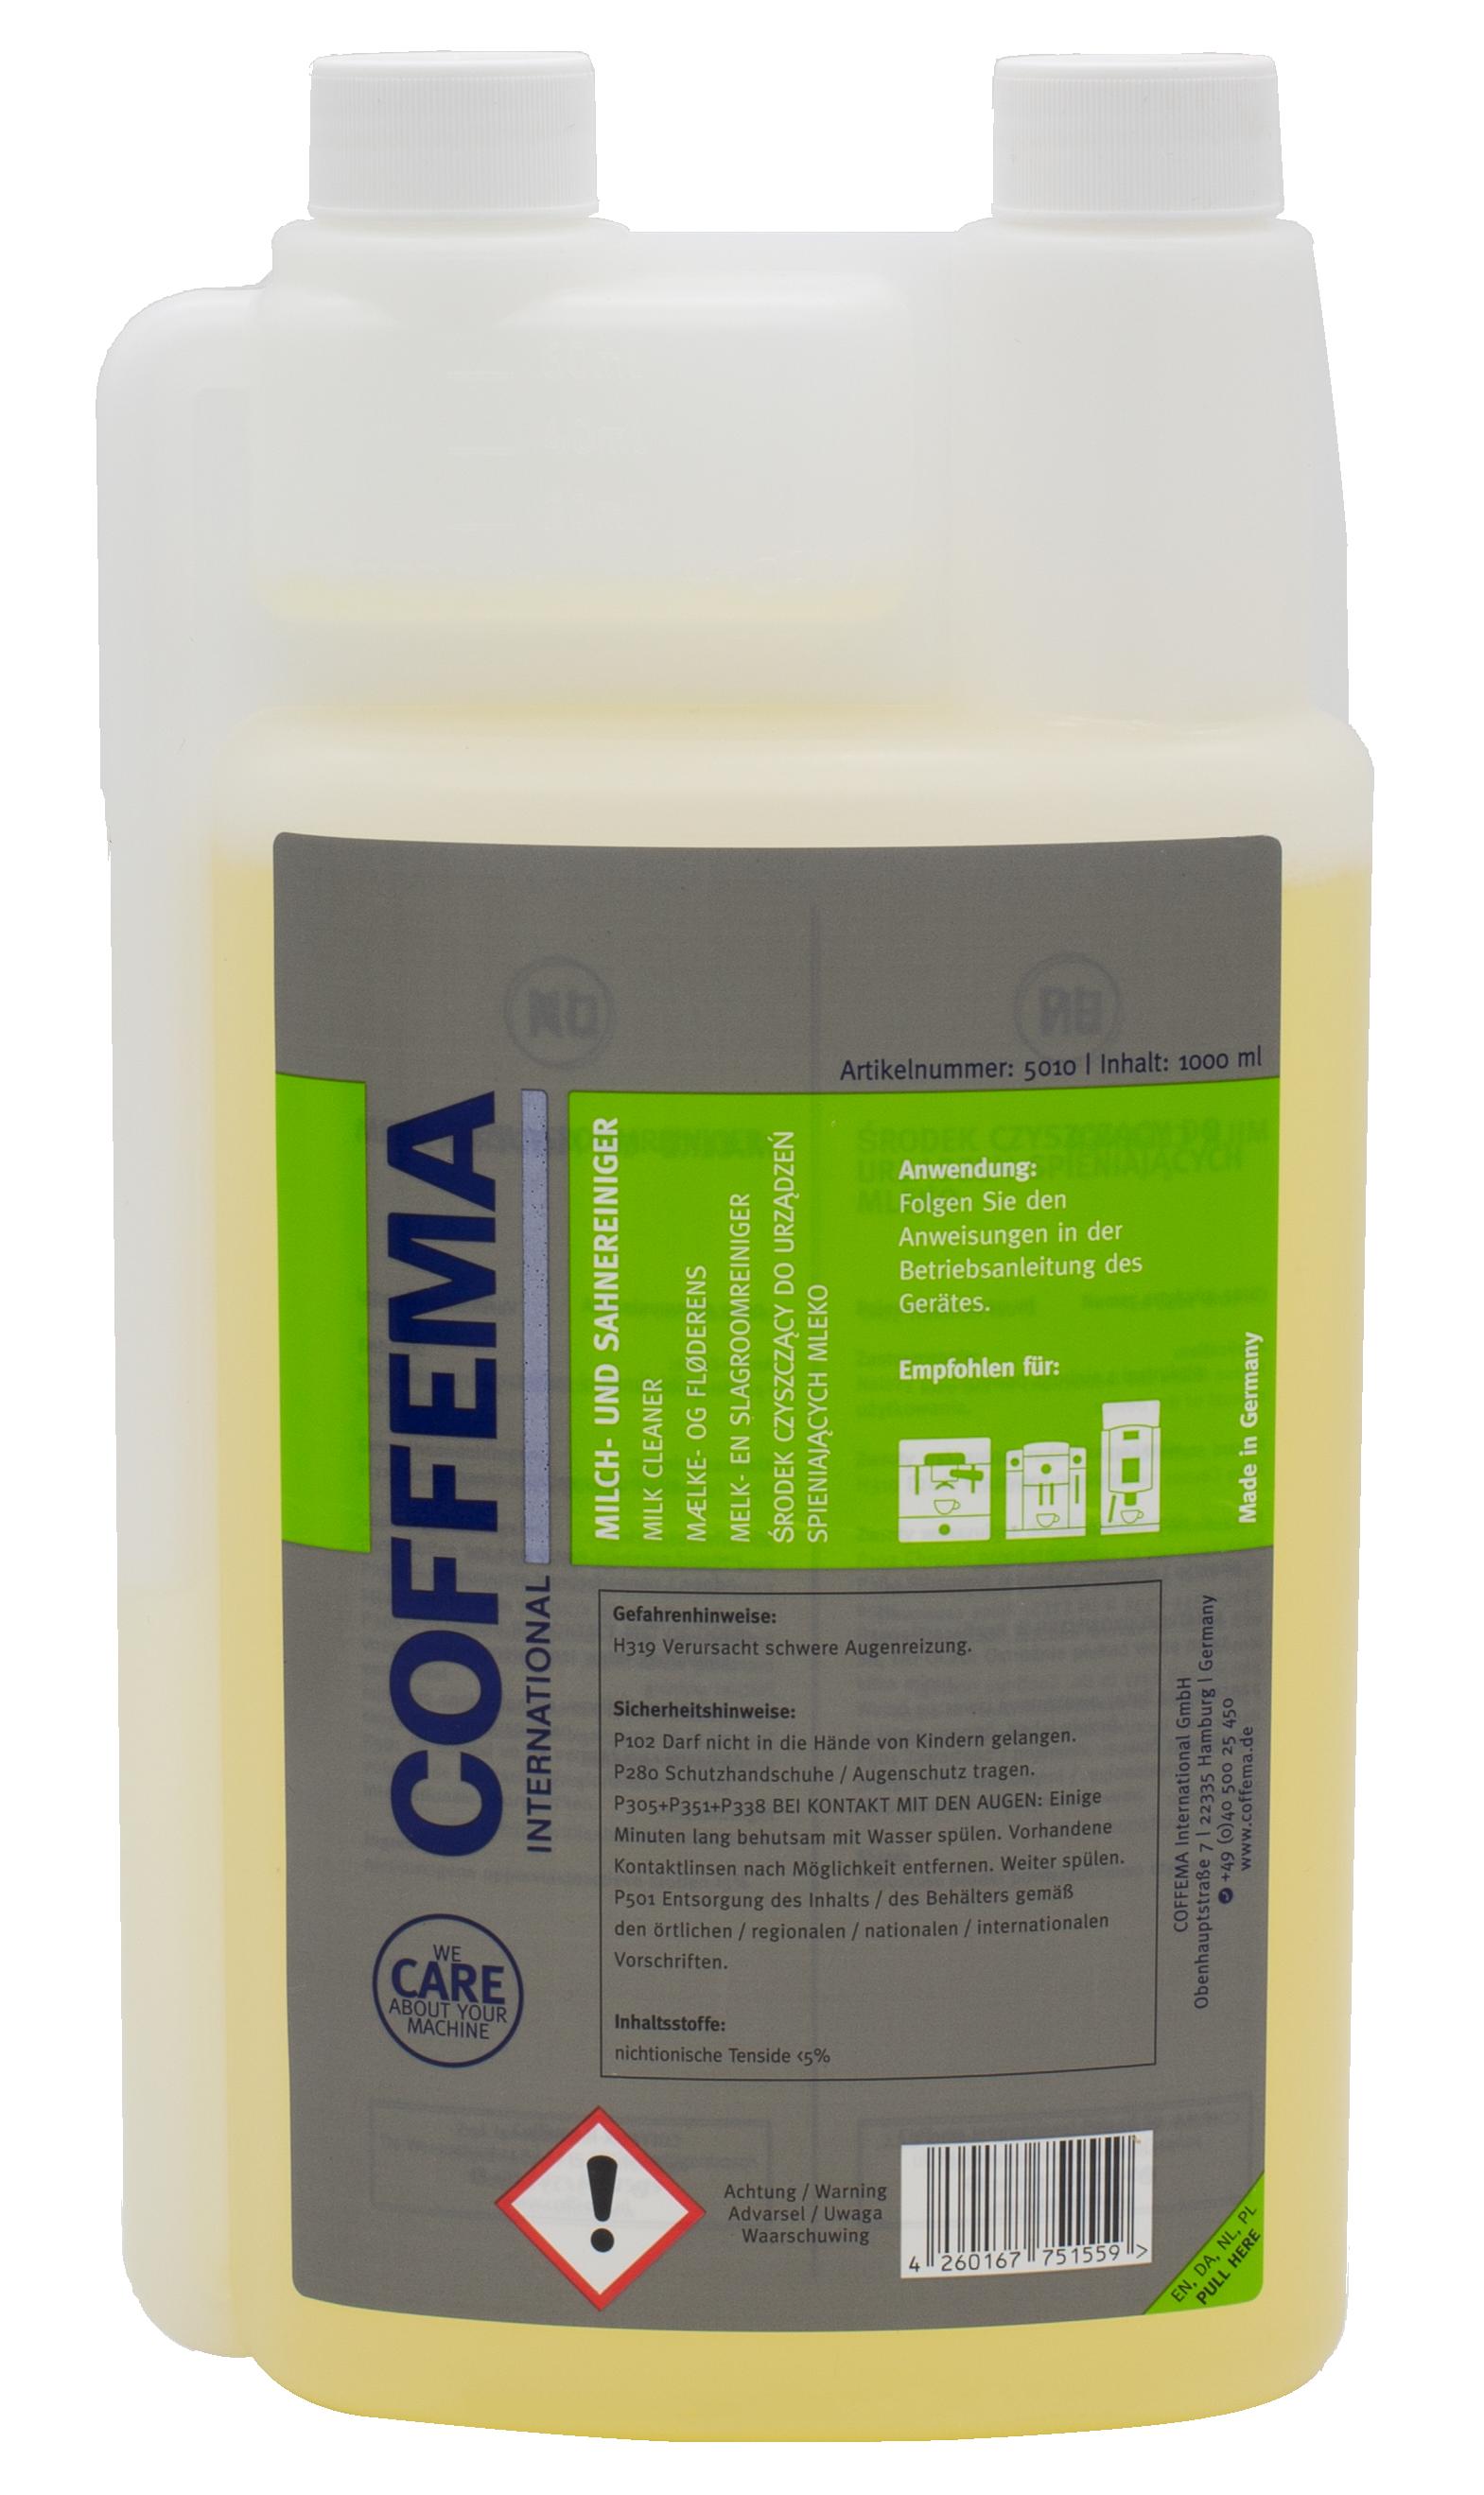 Coffema 1 Liter Milchsystemreiniger